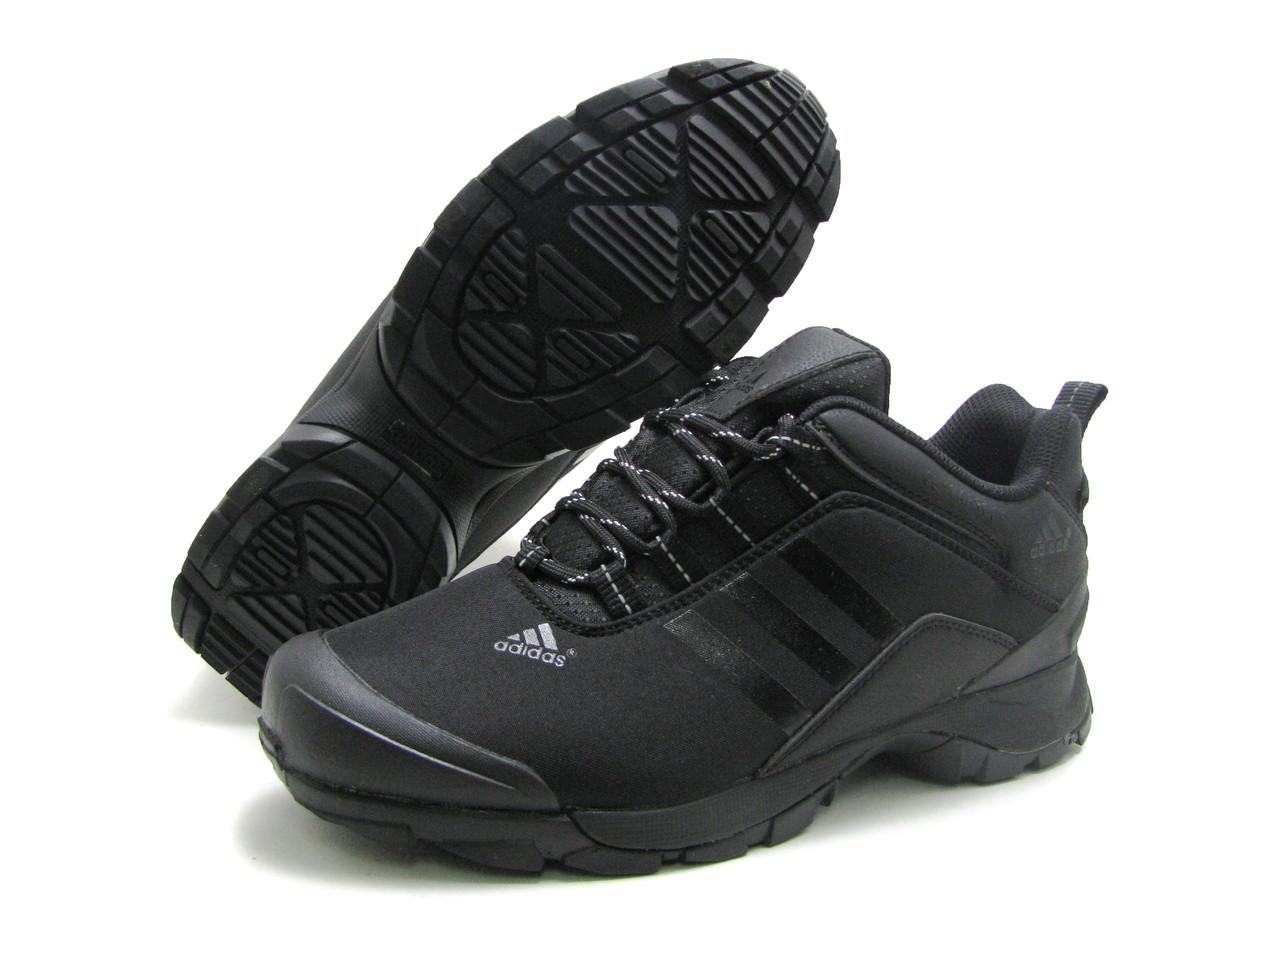 """Кроссовки Adidas Clima-Proof, 2 цвета, Gore-tex (осень-зима)топ качество - Интернет - магазин модной обуви и одежды """"ROM"""" в Киевской области"""